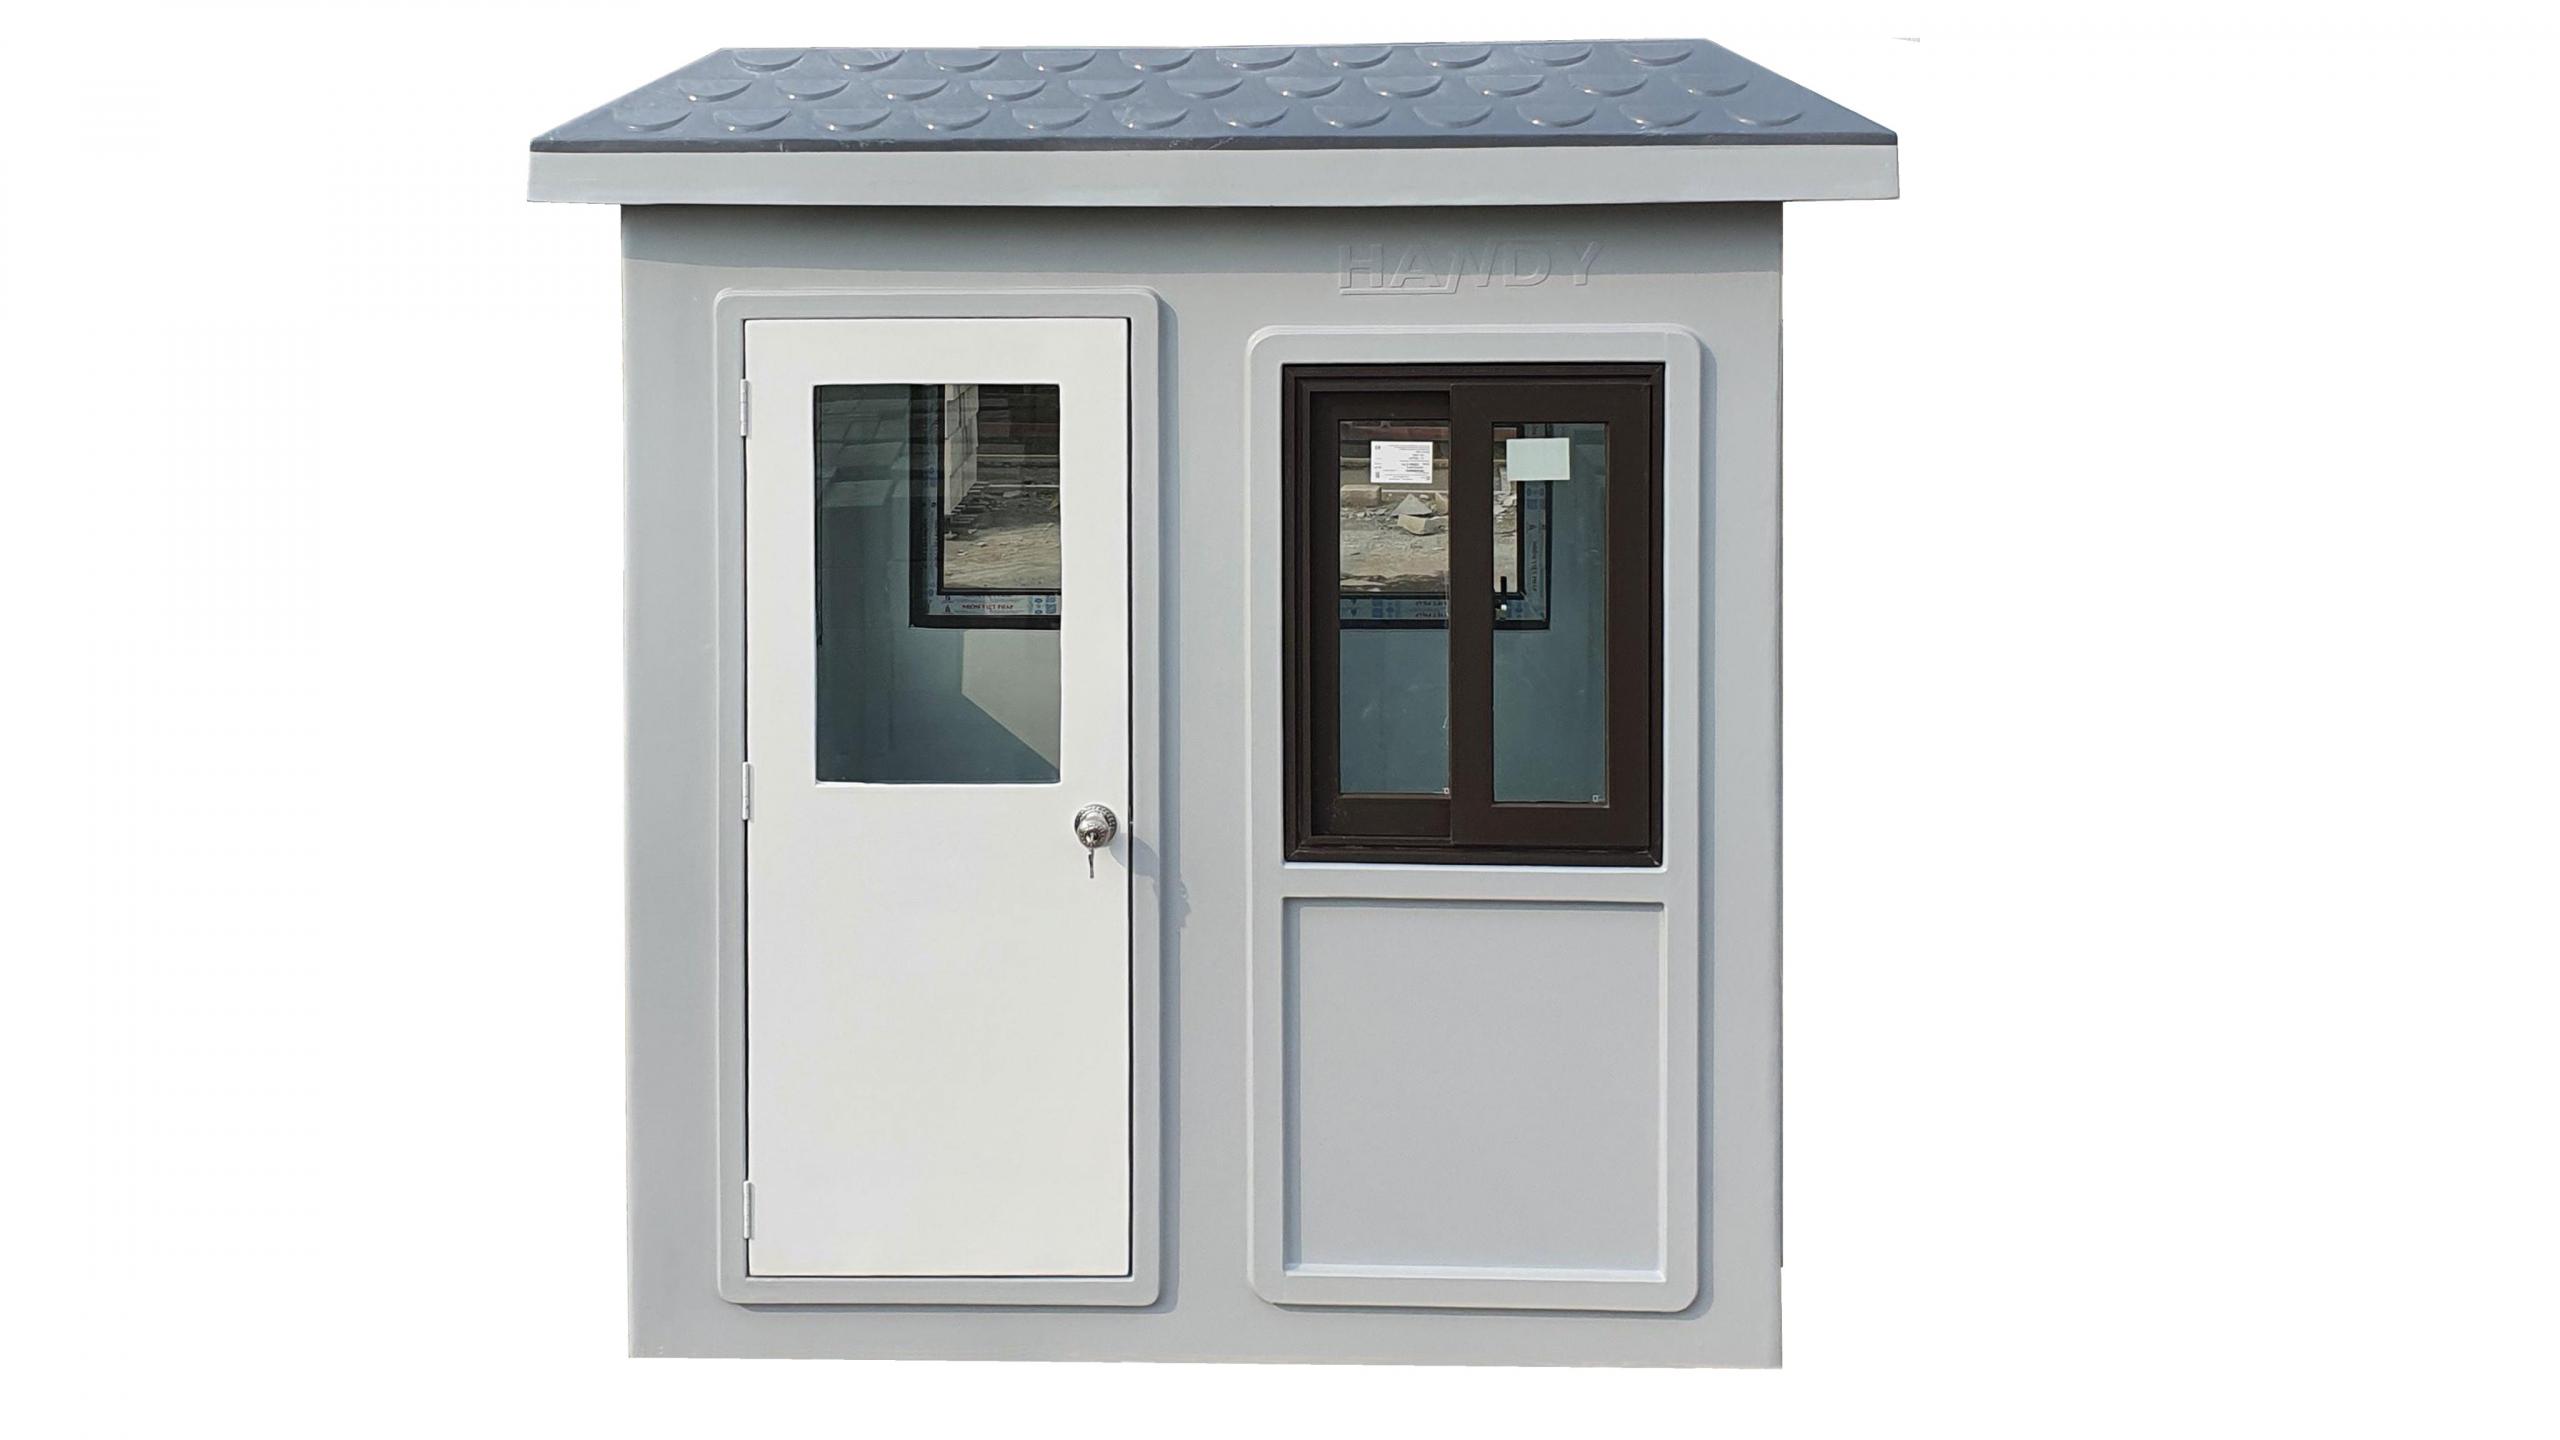 Cabin bảo vệ chống nóng Handy H2.0B